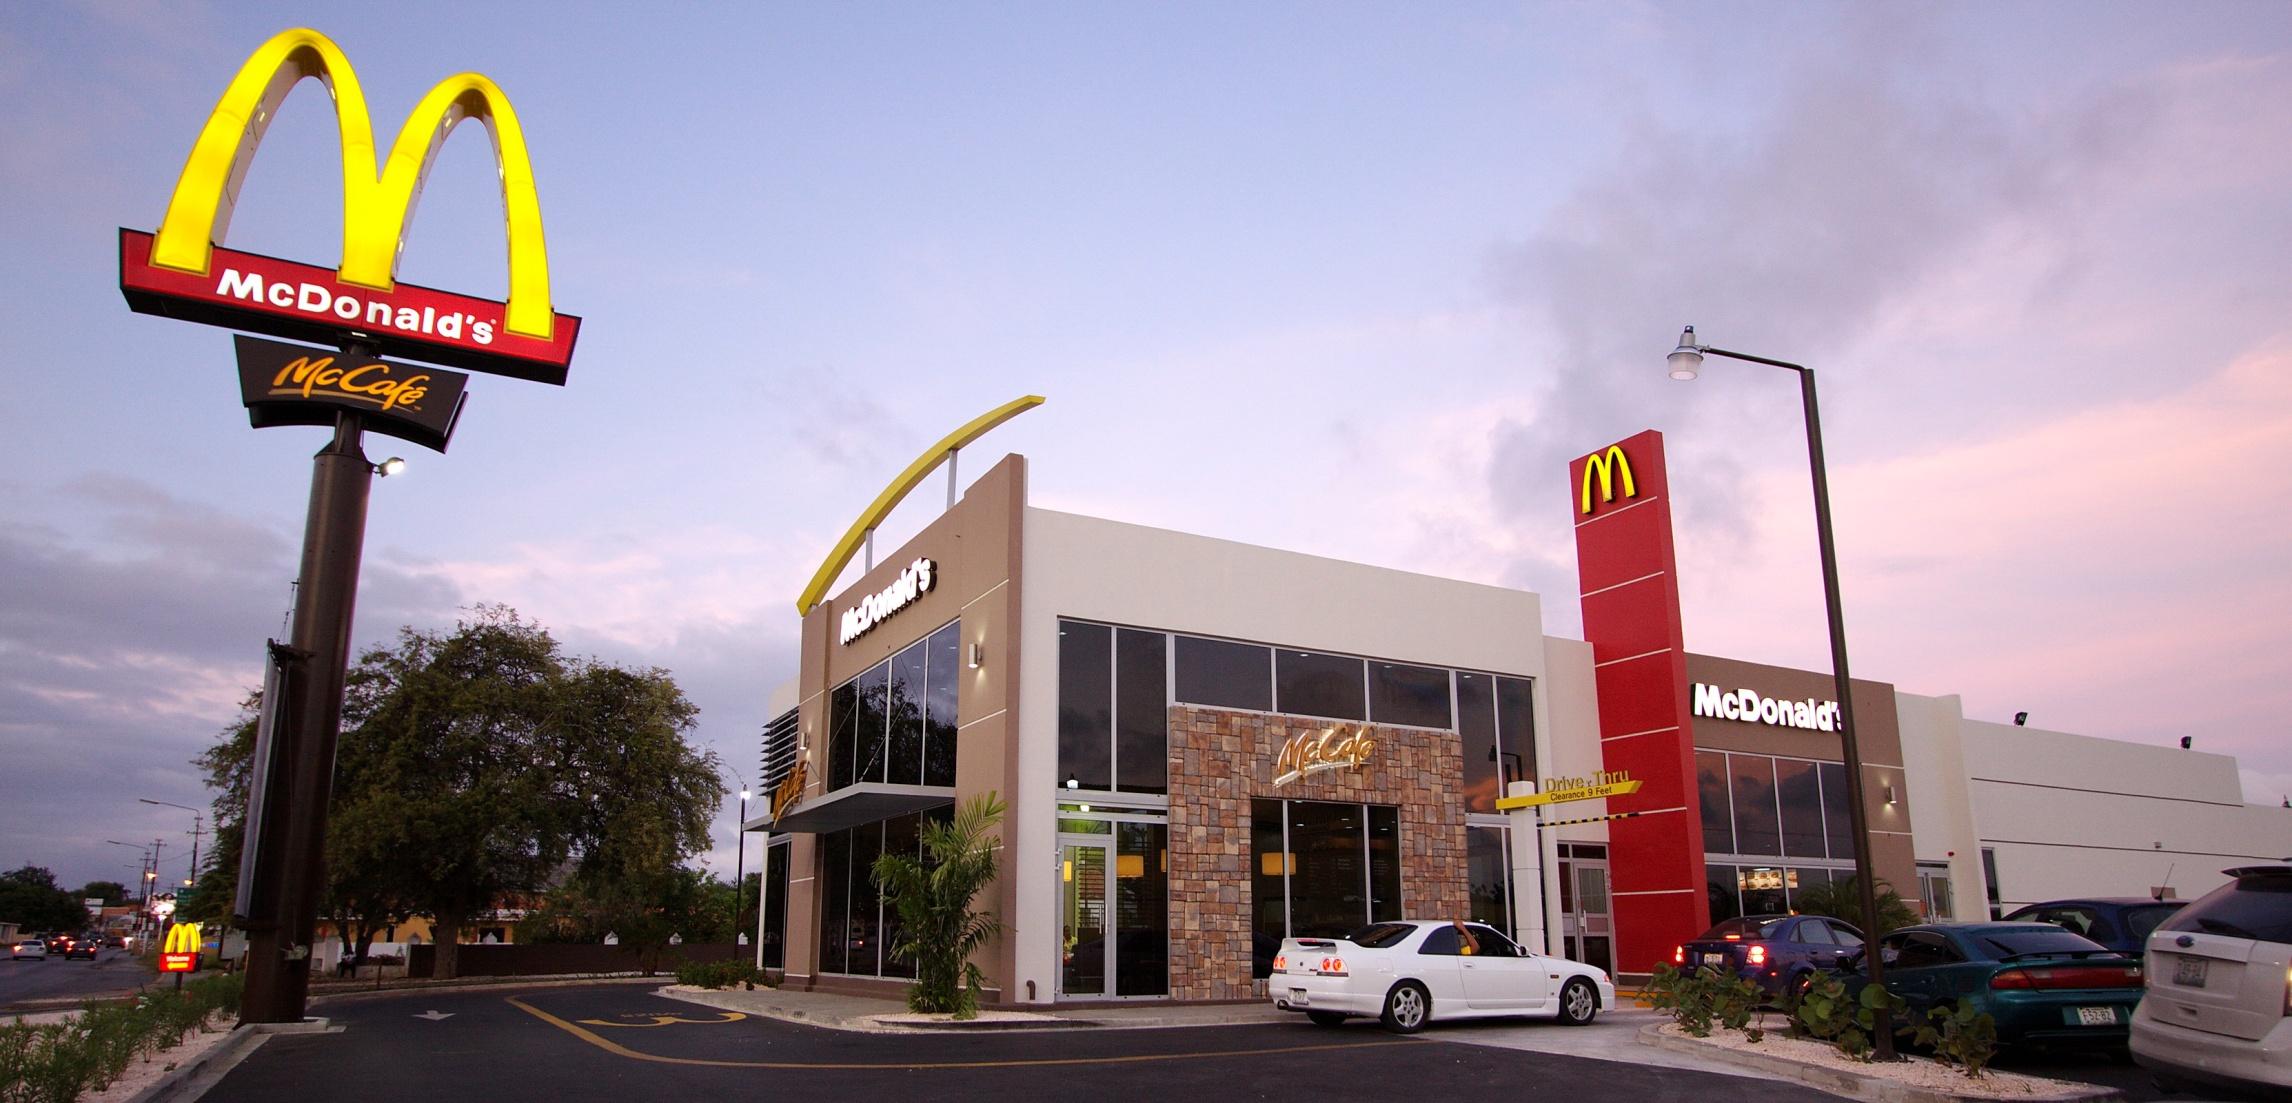 Curaçao McDonald's restaurant exterior.